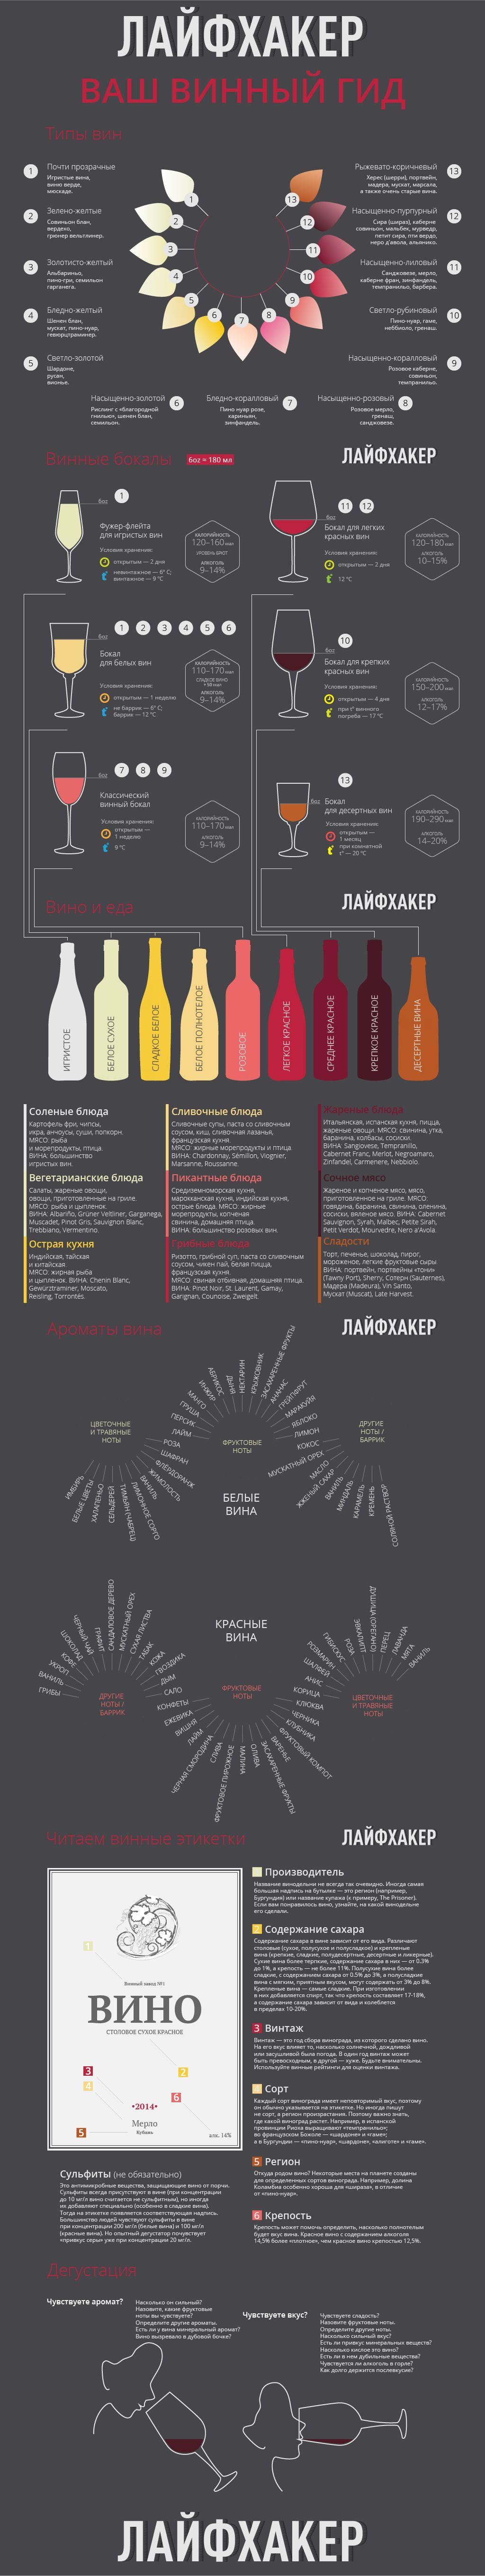 Лайфхакер подготовил для своих читателей инфографику, которая поможет любителям вин разбираться в них лучше.